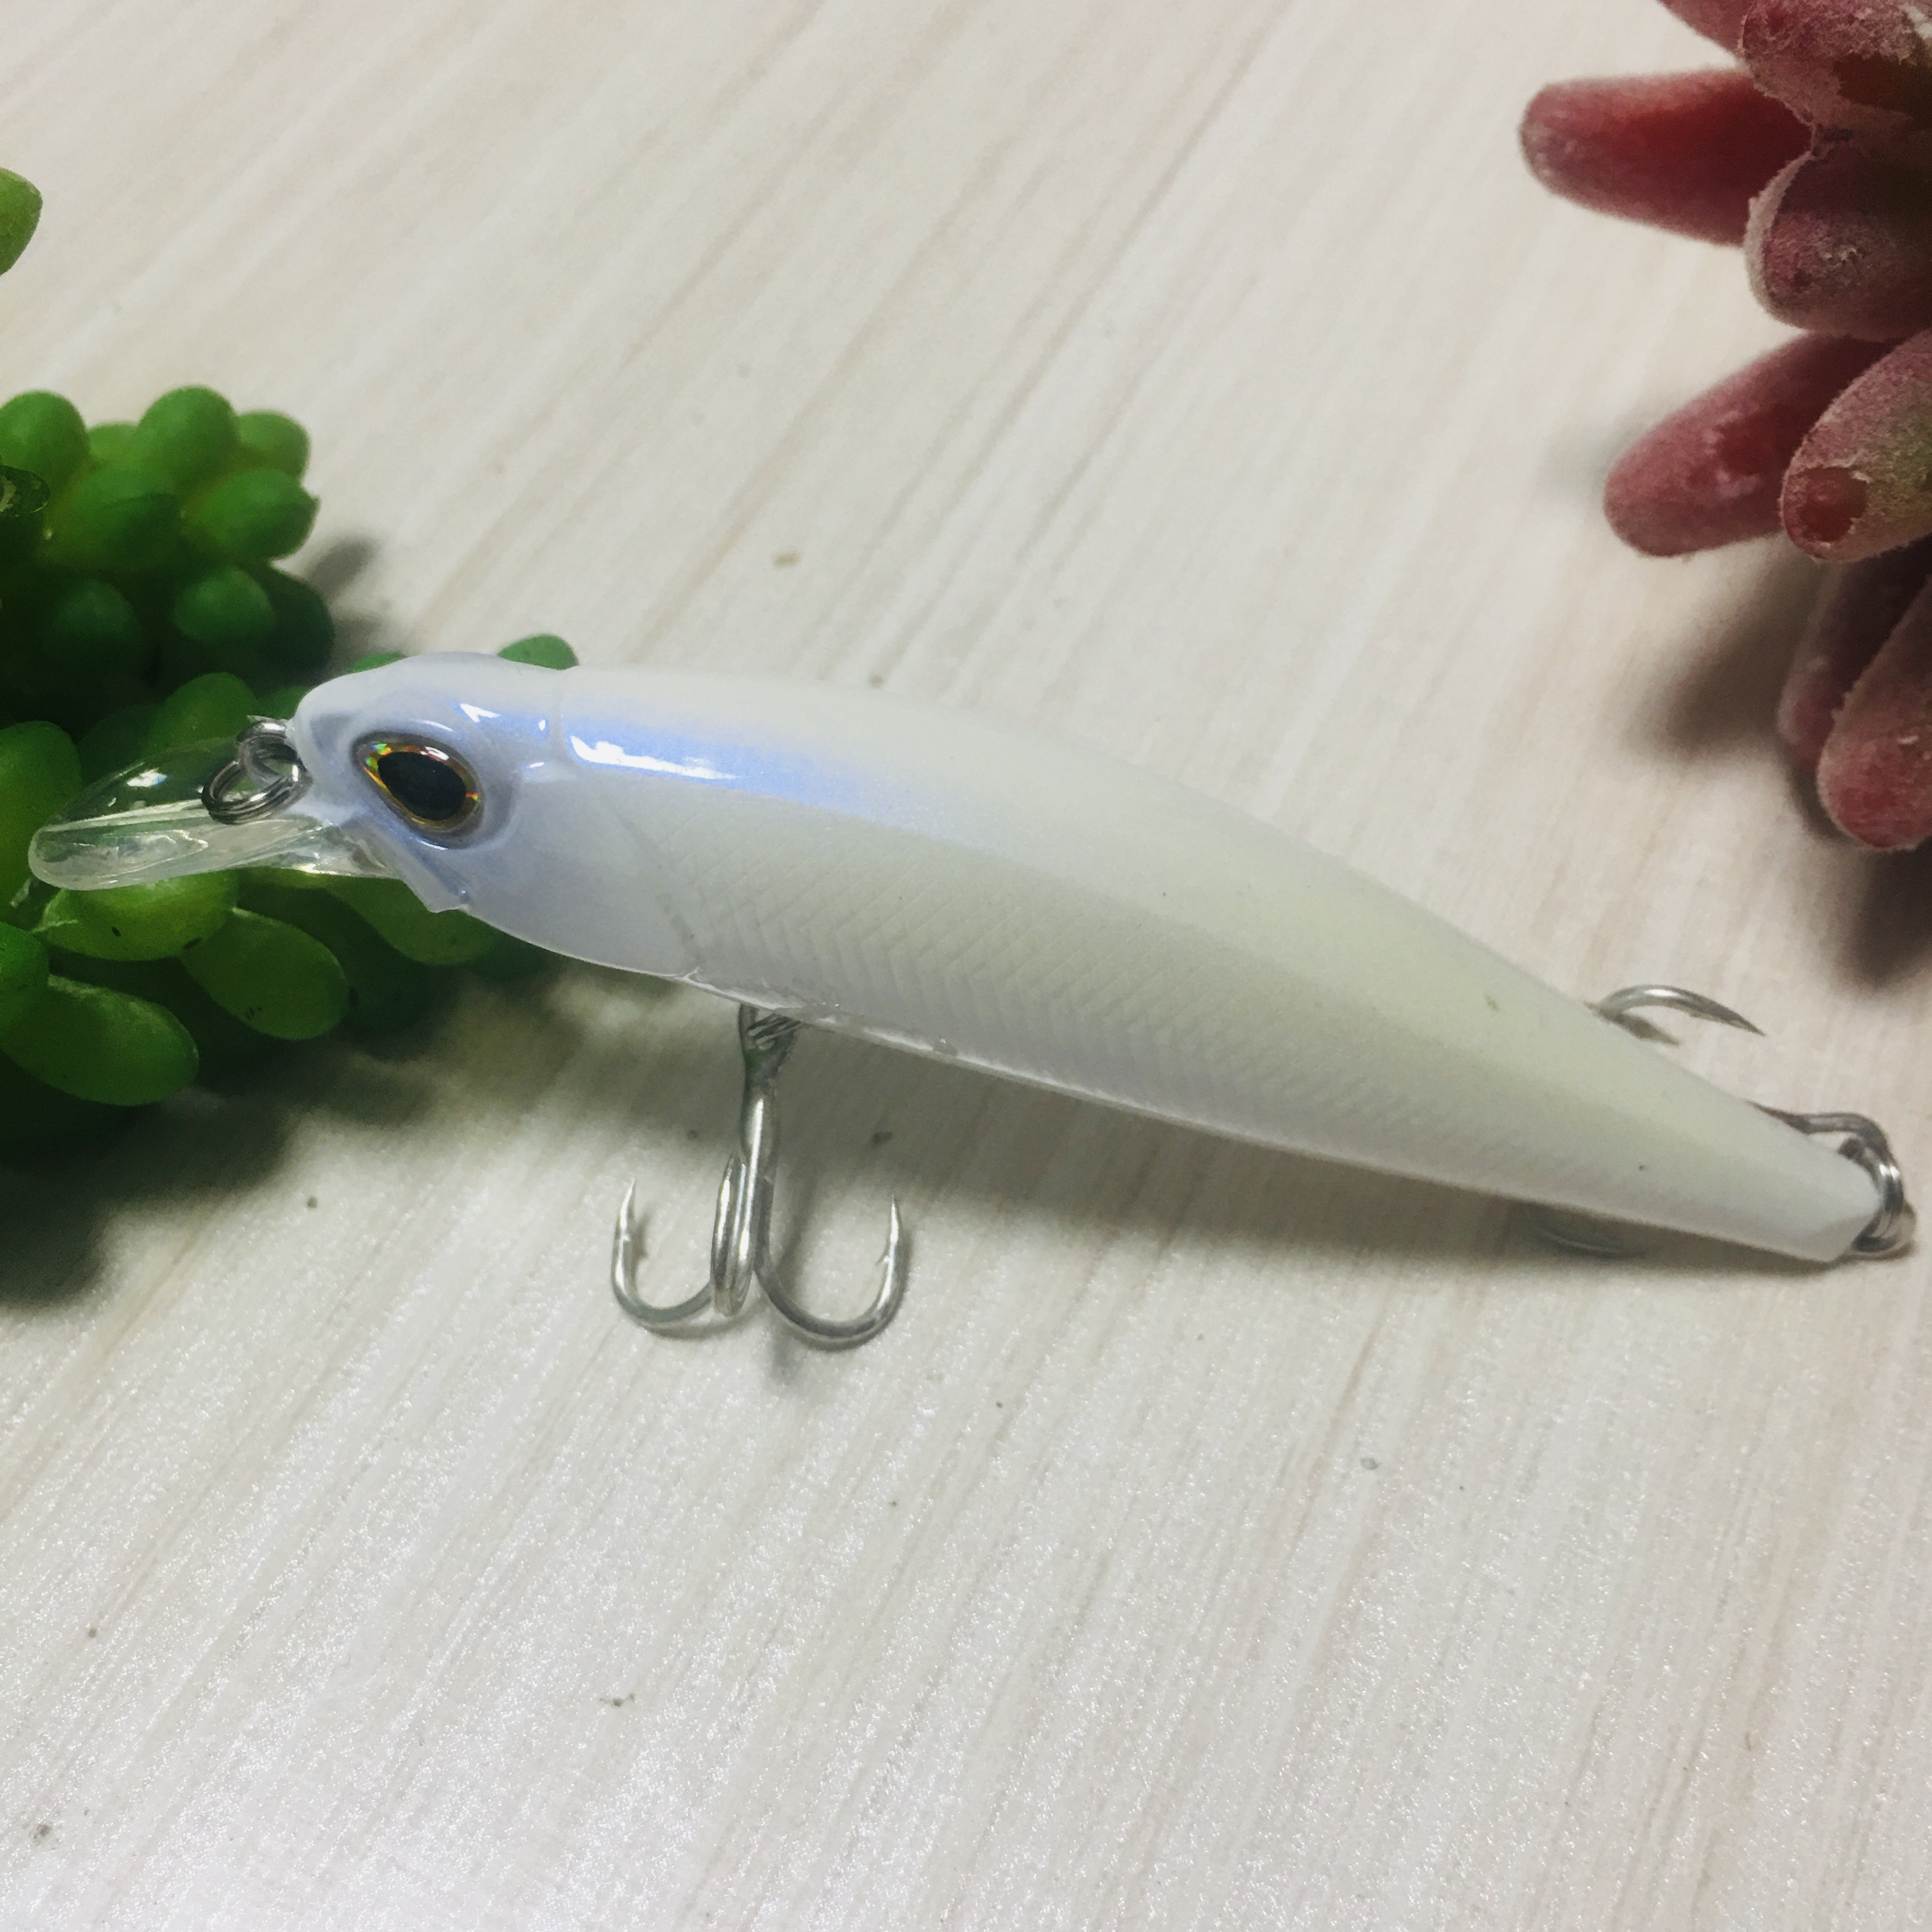 Джеркбейт Банановая Рыба Морской Realis Rozante 77 мм 8,4g, гольян модели-хиты продаж жесткая приманка для рыбалки качественная профессиональная бле...